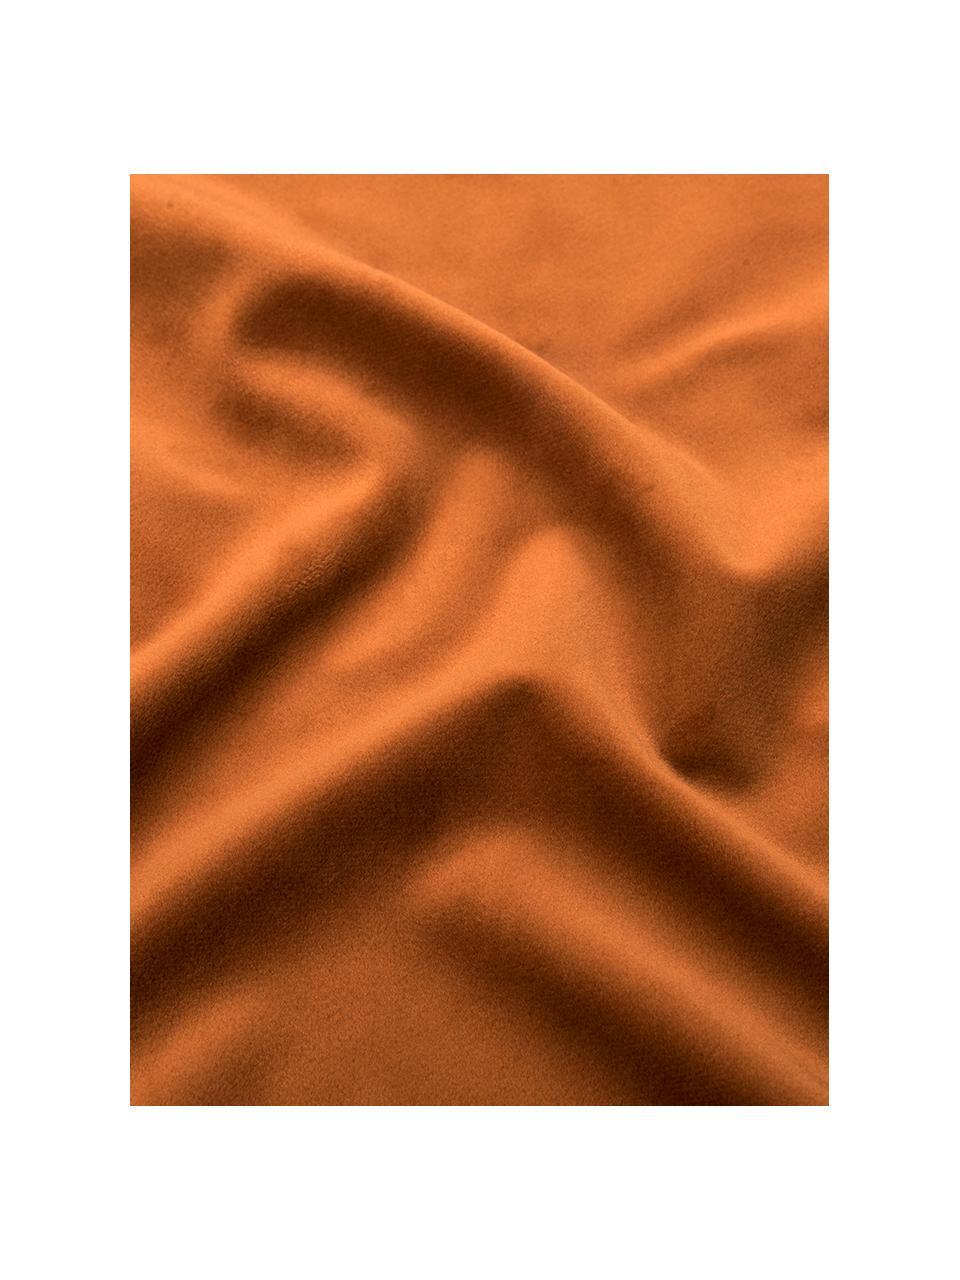 Housse de coussin 40x40 velours brillant Palmsprings, Orange, couleur dorée